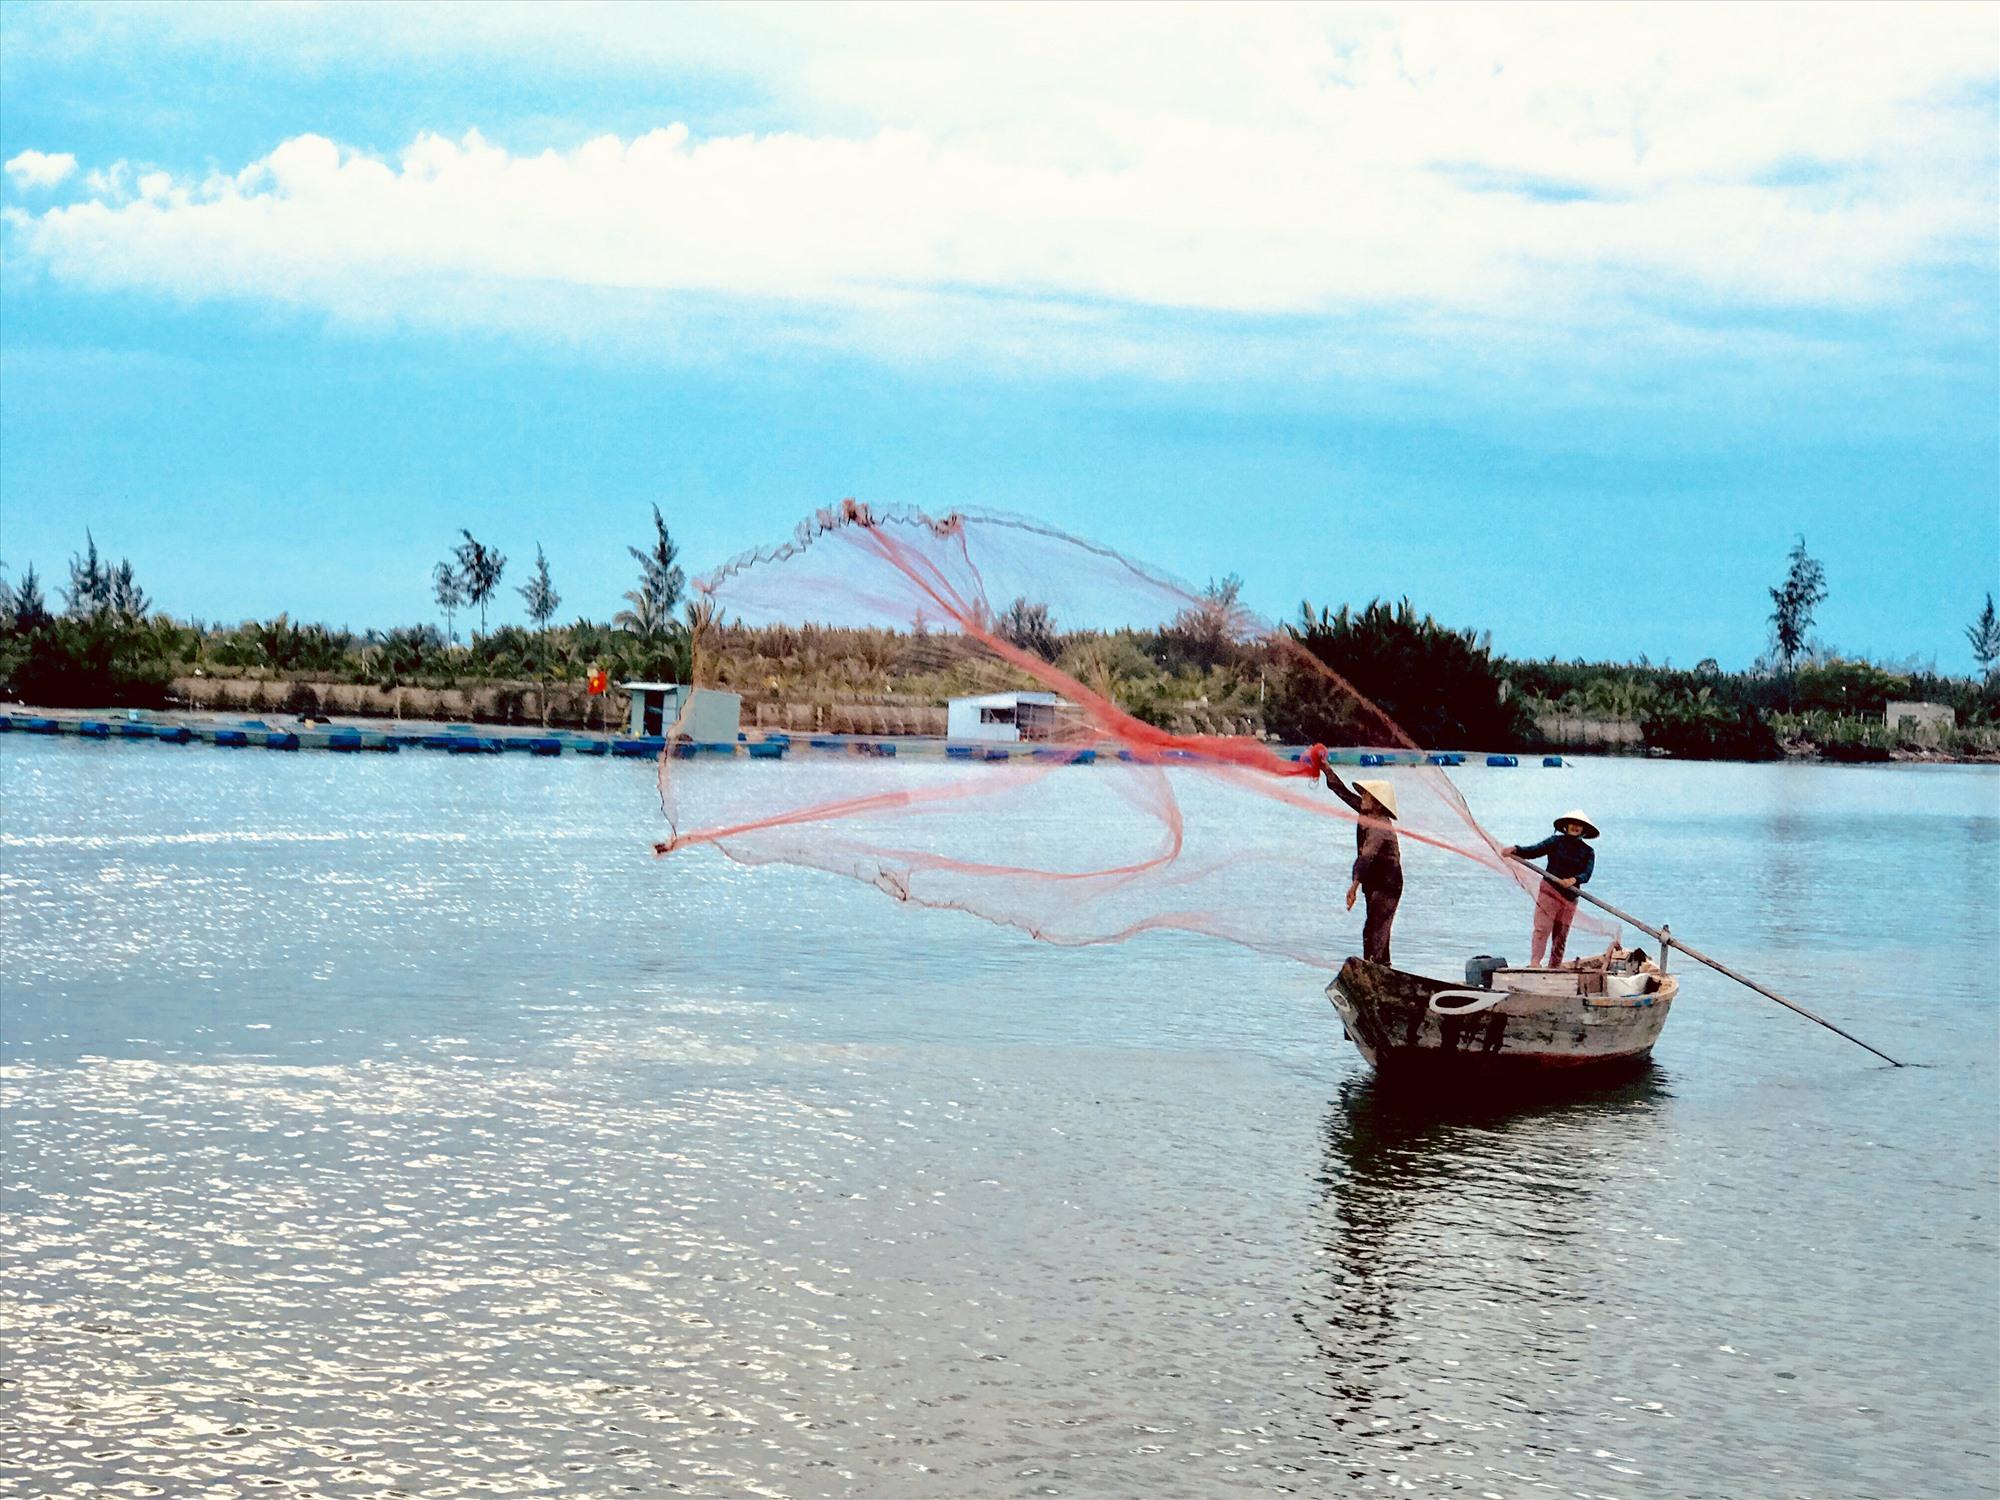 Tung lưới trên sông Cổ Cò. Ảnh: Q.T